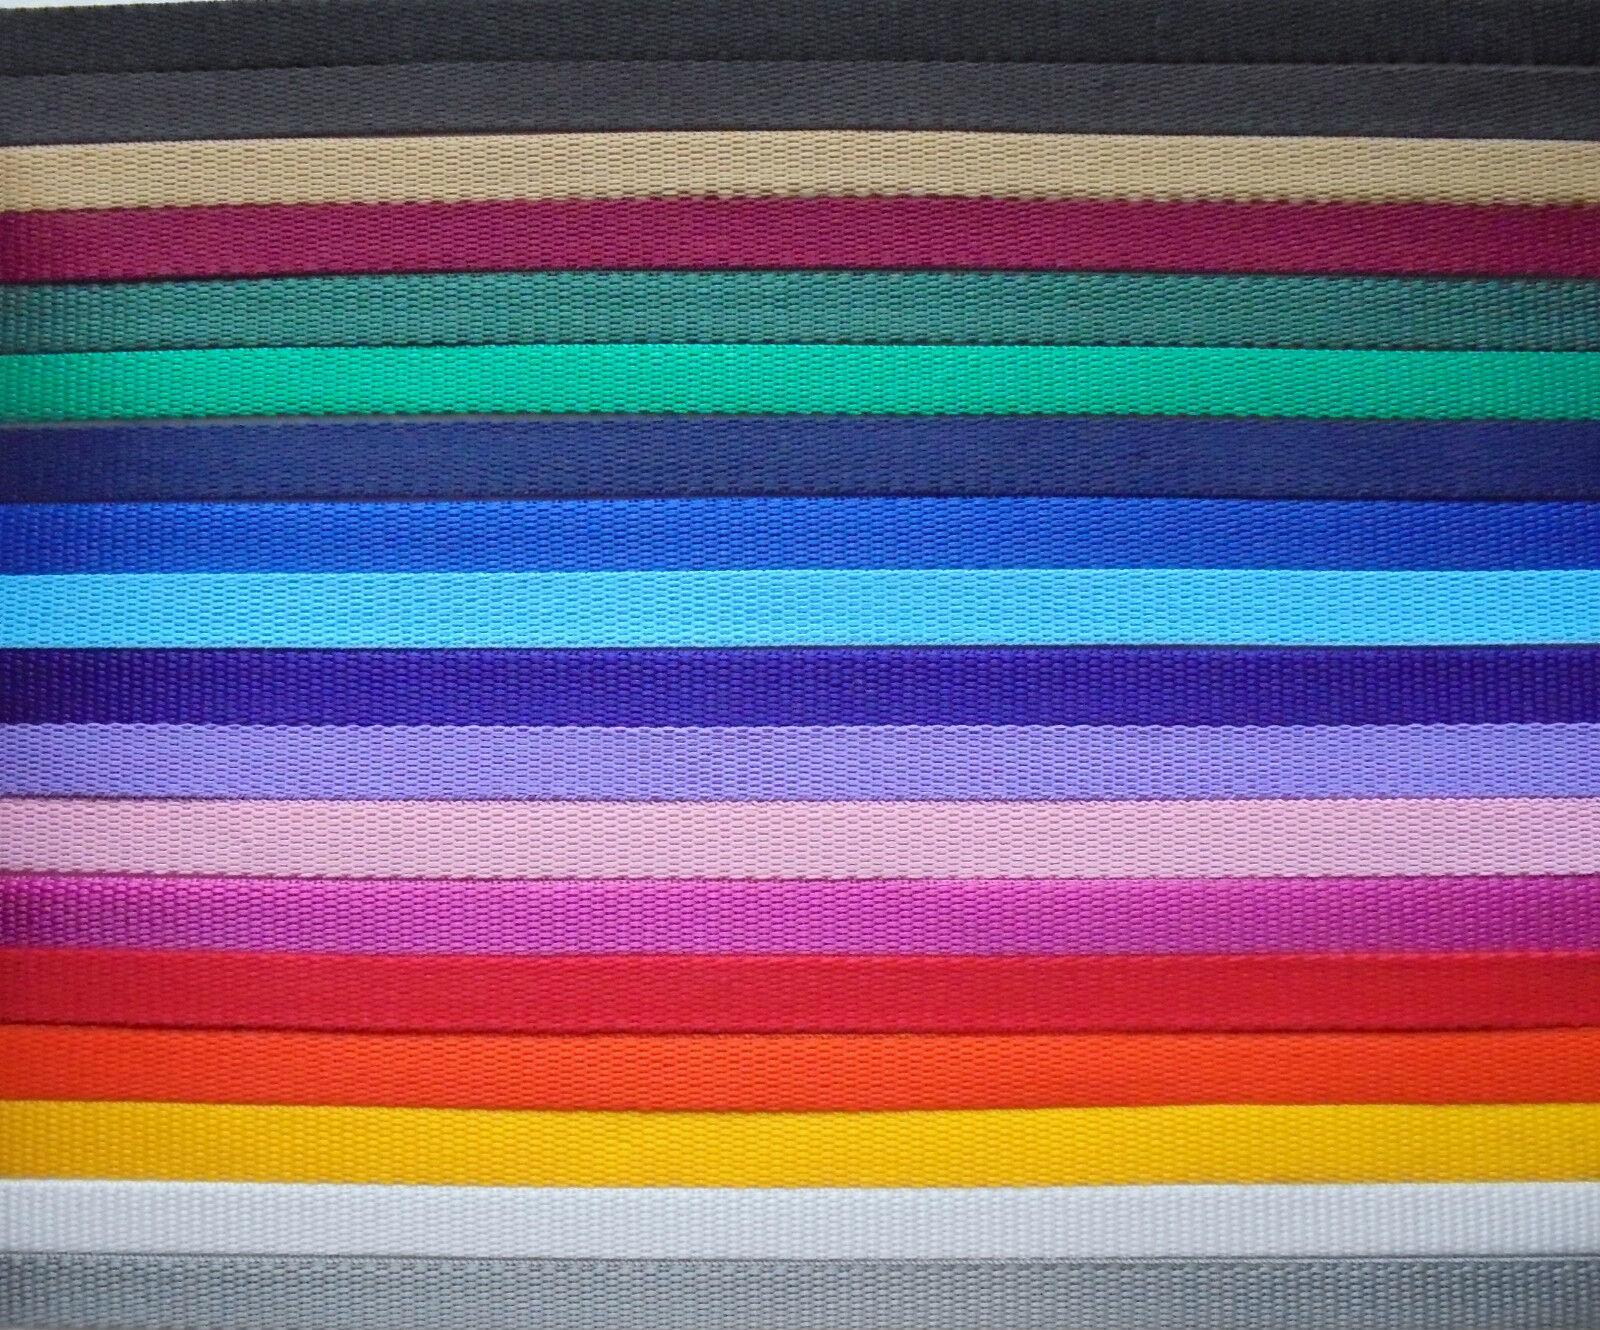 Endurance Briglia e rossoini, il tessuto morbido morbido morbido Web per paese Pursuits plas | Materiali Di Qualità Superiore  | Fashionable  adf9f9